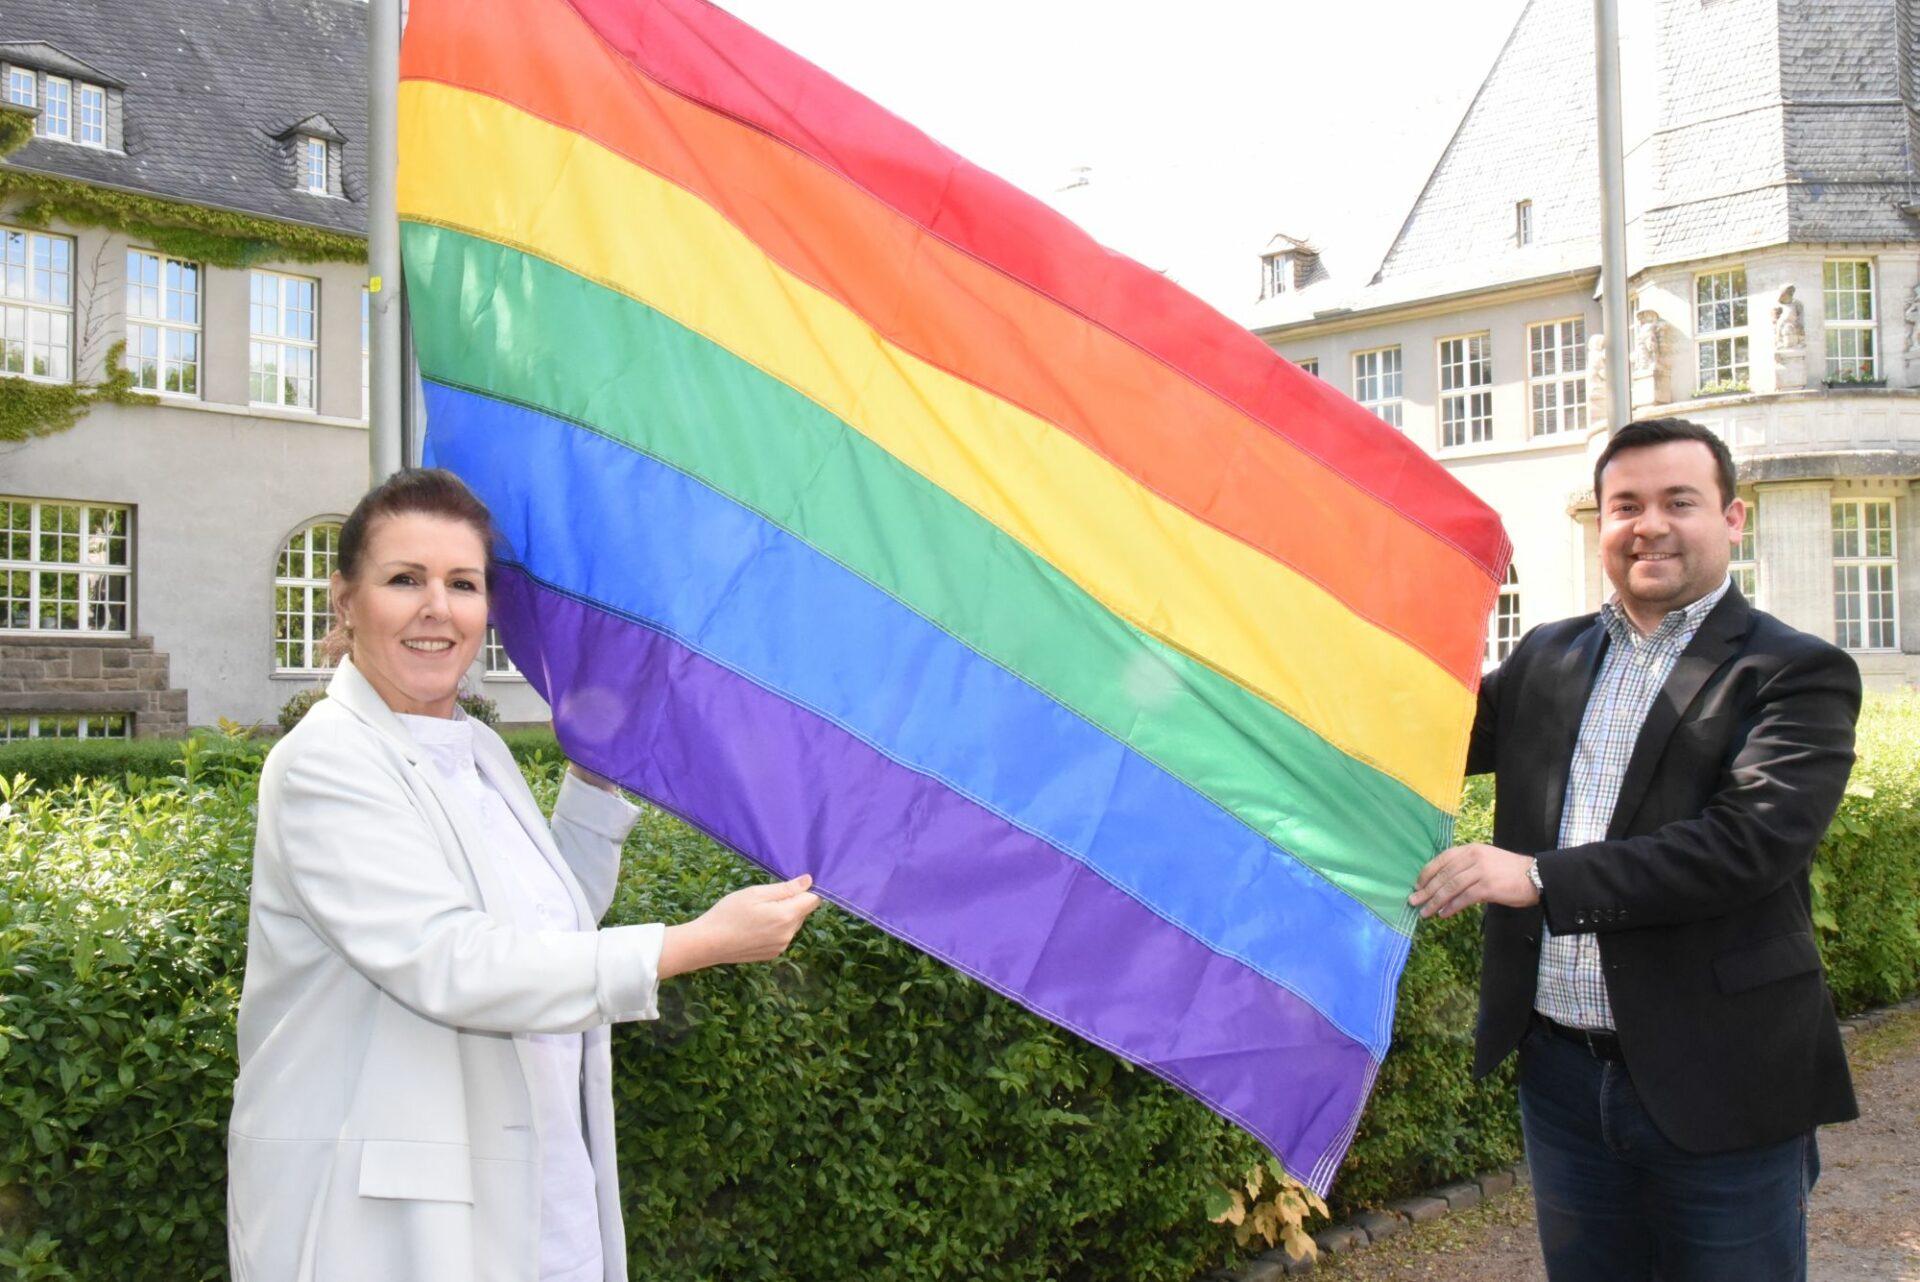 Protestnote gegen Diskriminierung: Städtepartnerschaft zu Nowy Sacz ruht